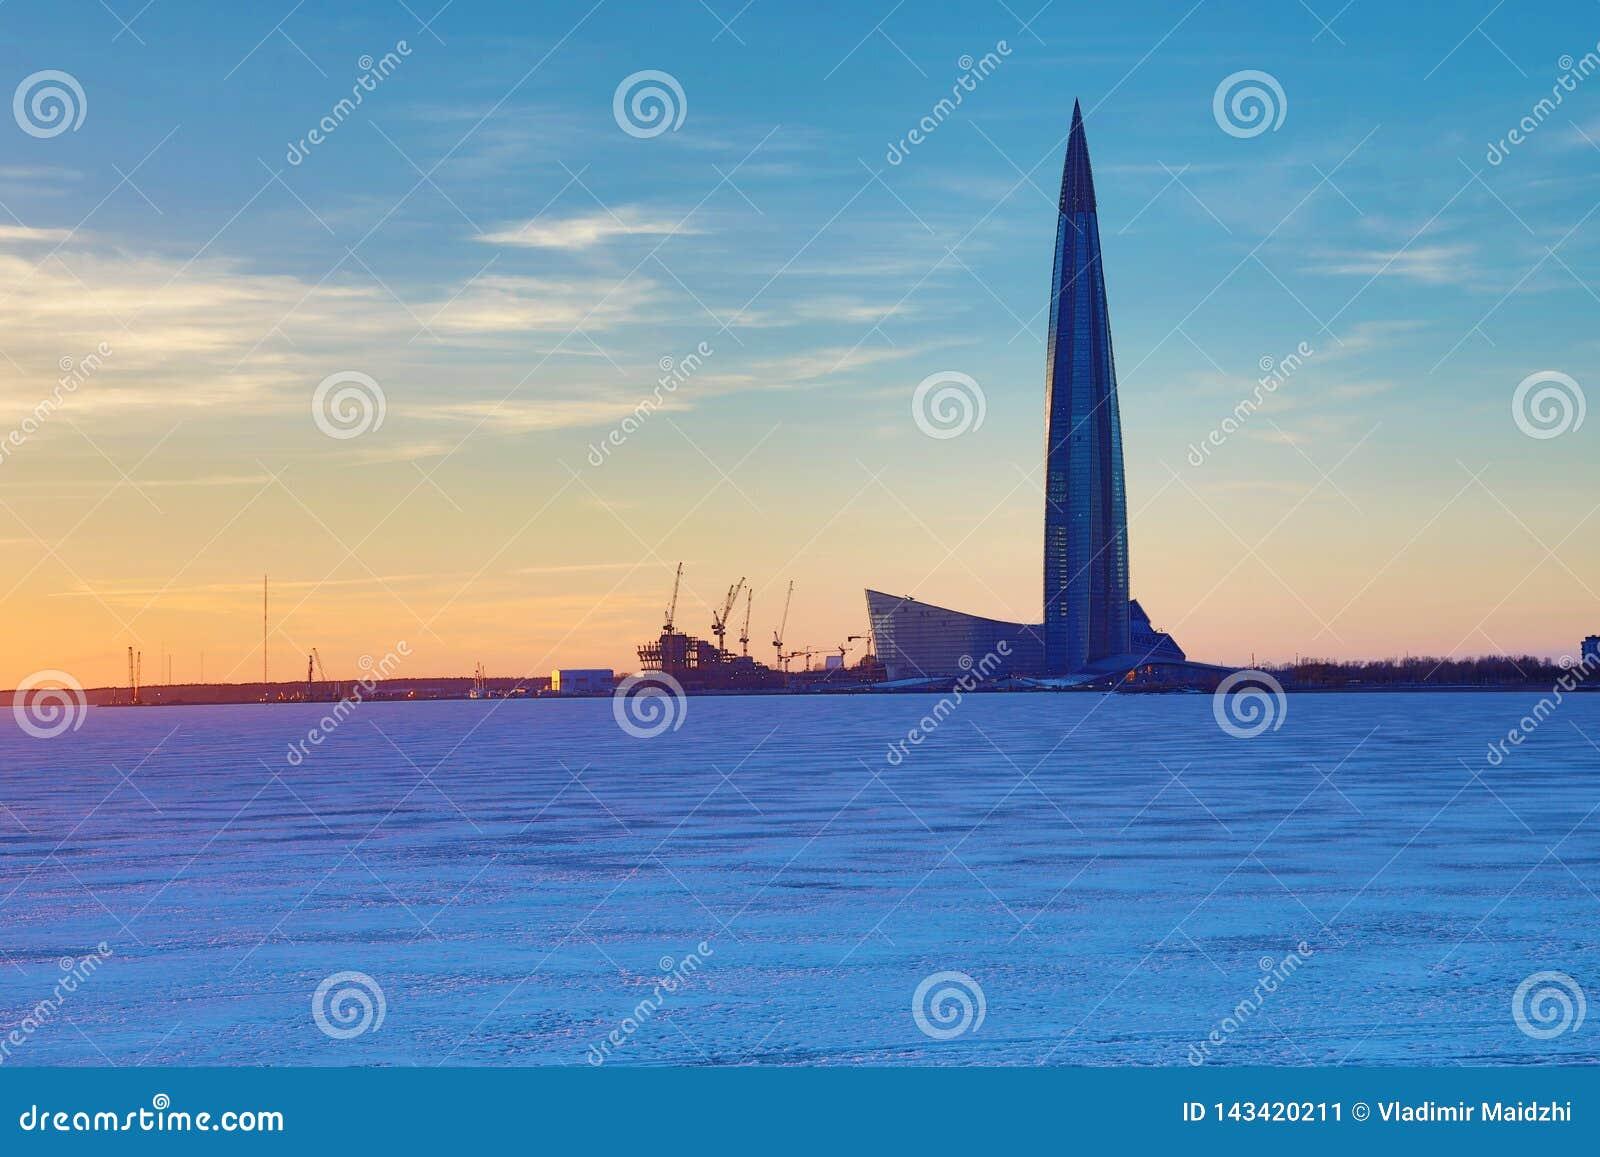 El rascacielos del centro de Lahta buidling en la orilla de la ciudad baynear de Petersburgo del final en la boca del río de Neva